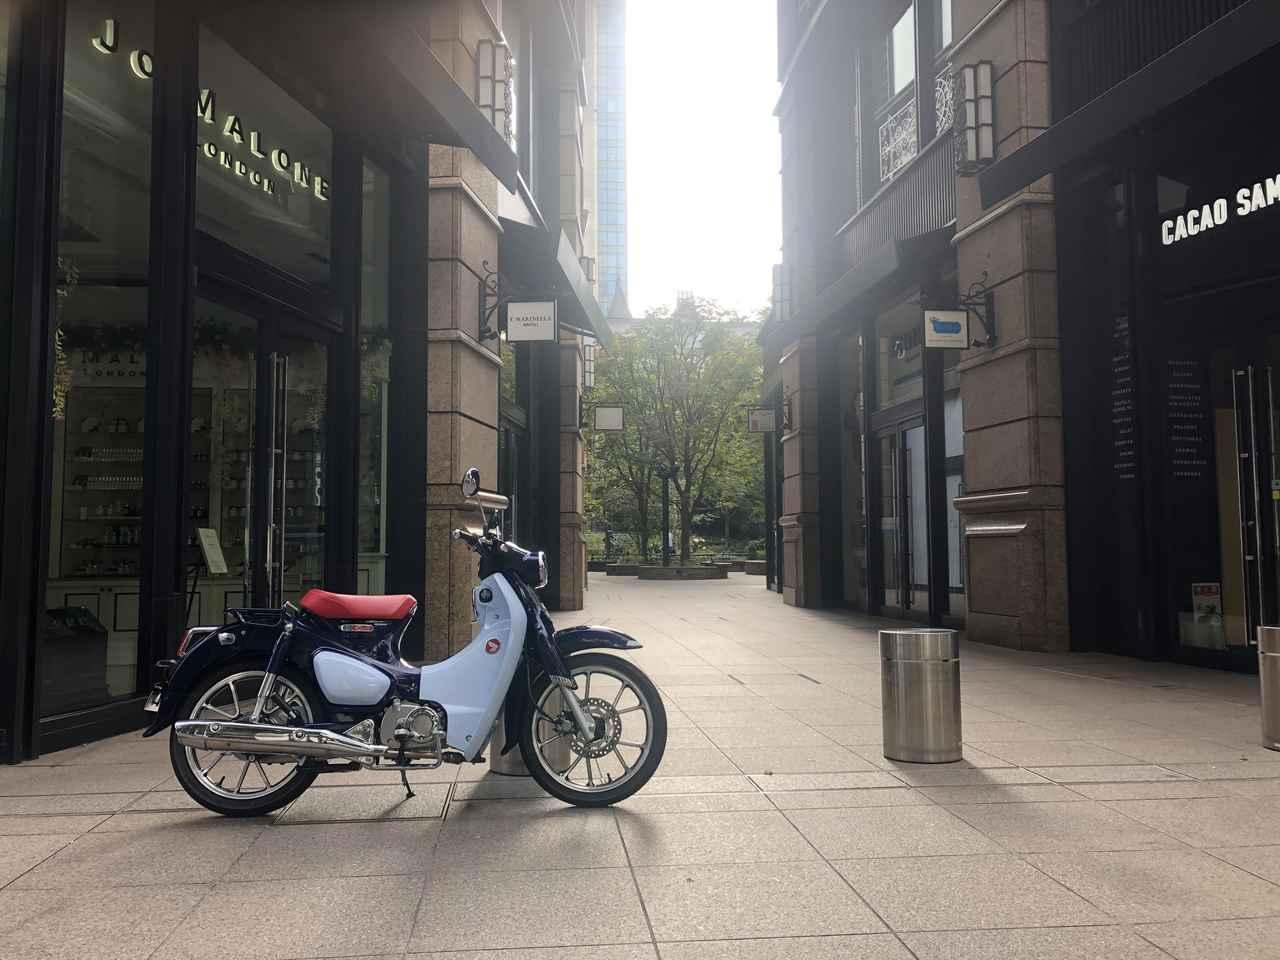 画像5: はじめてバイクに乗った時のことを思い出す